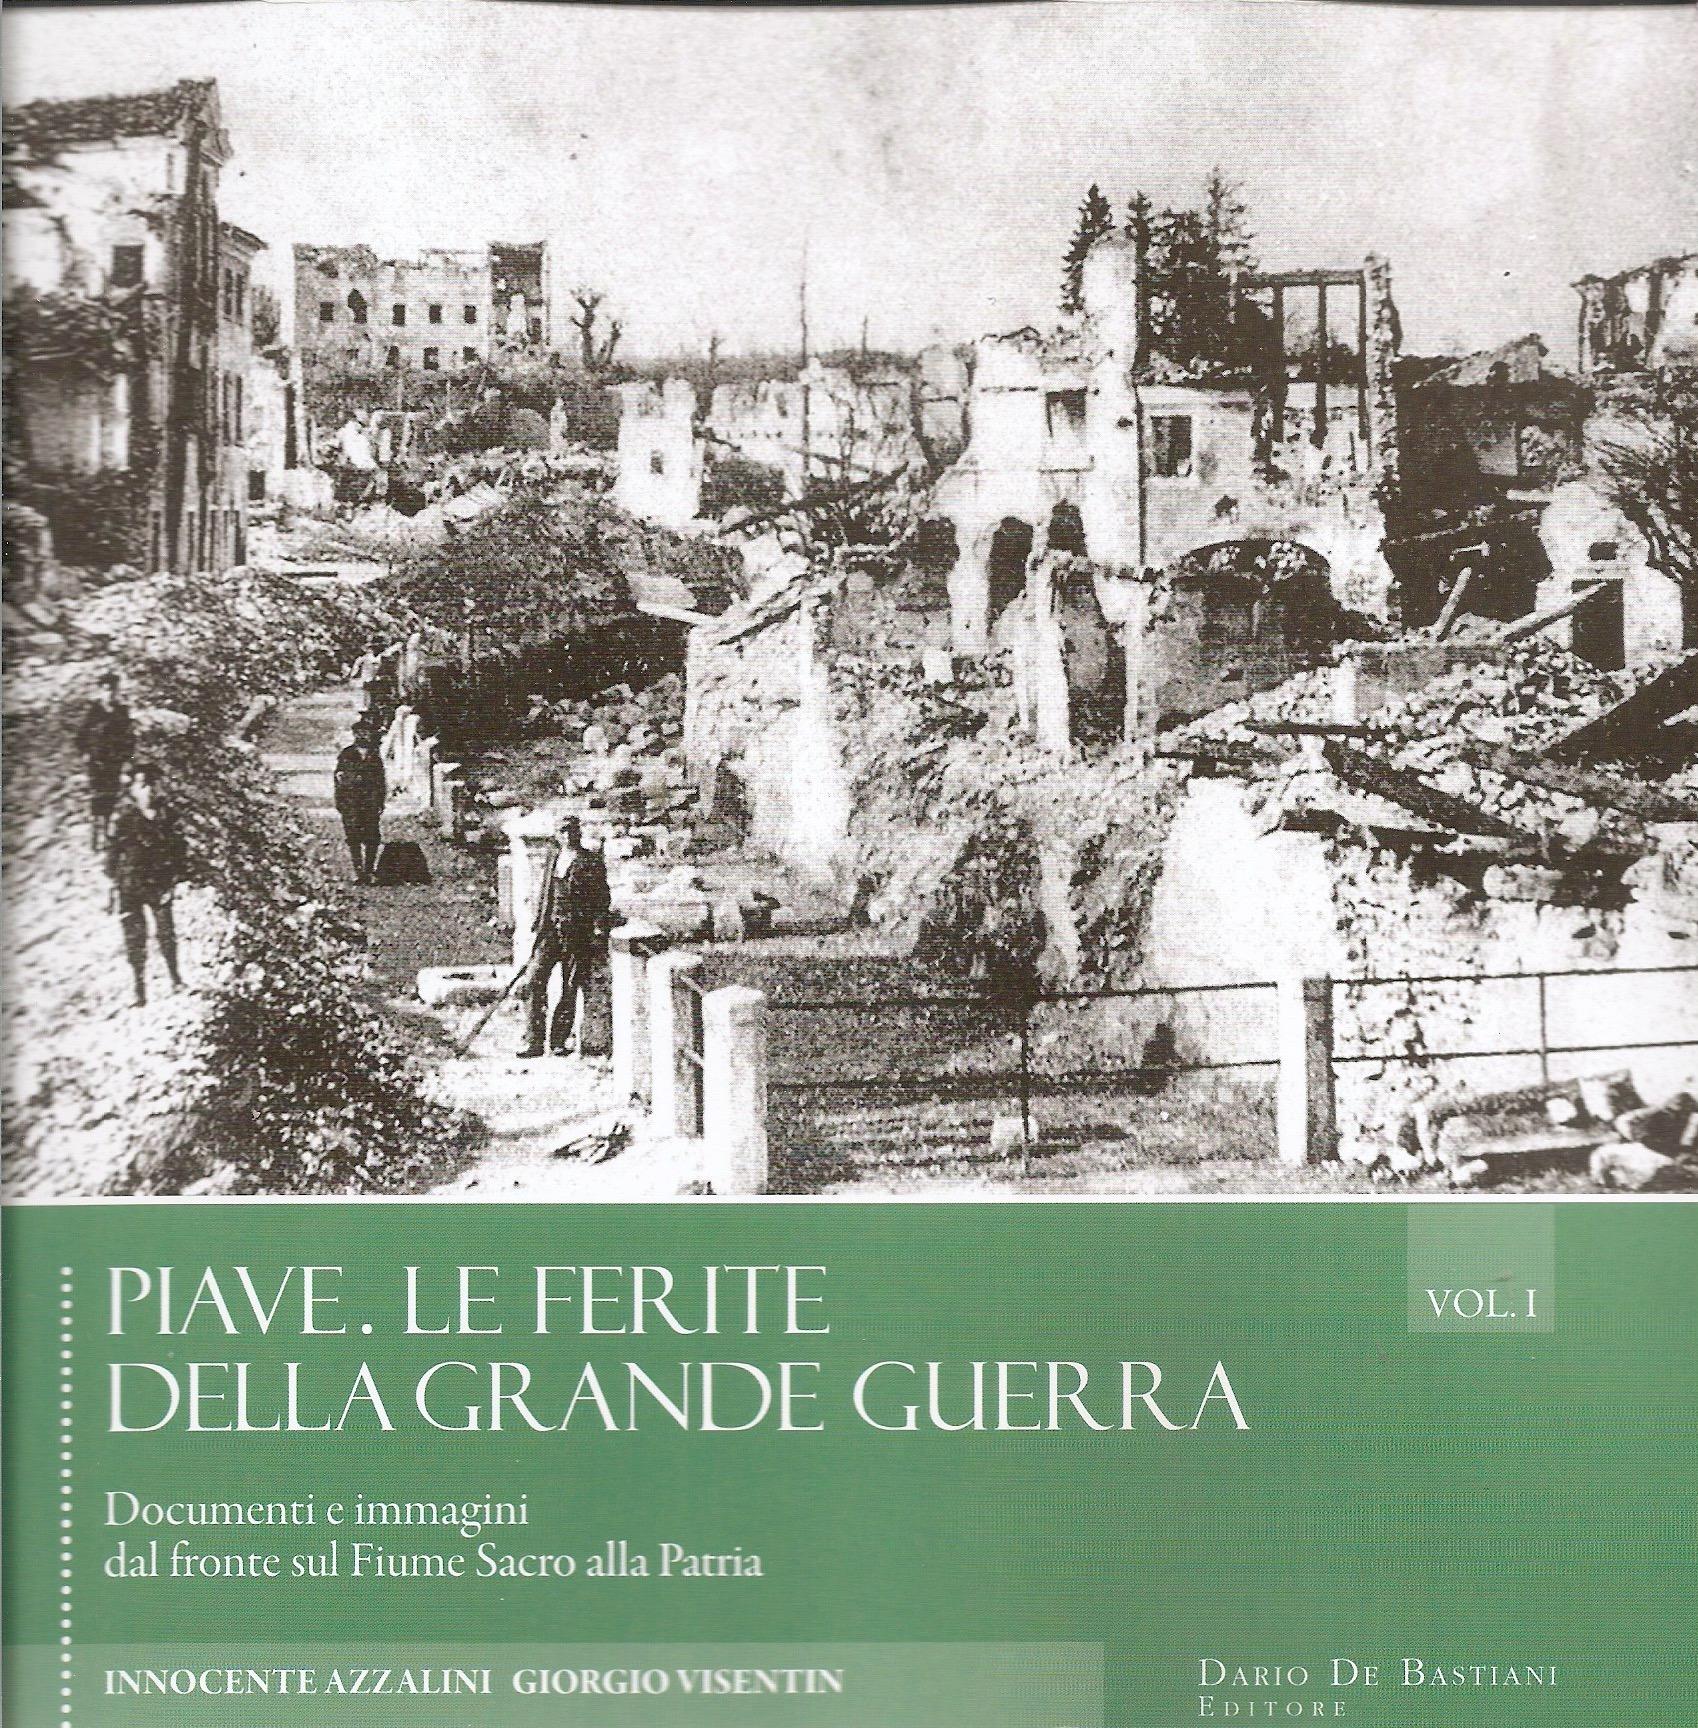 Piave, le ferite della Grande guerra - vol. I